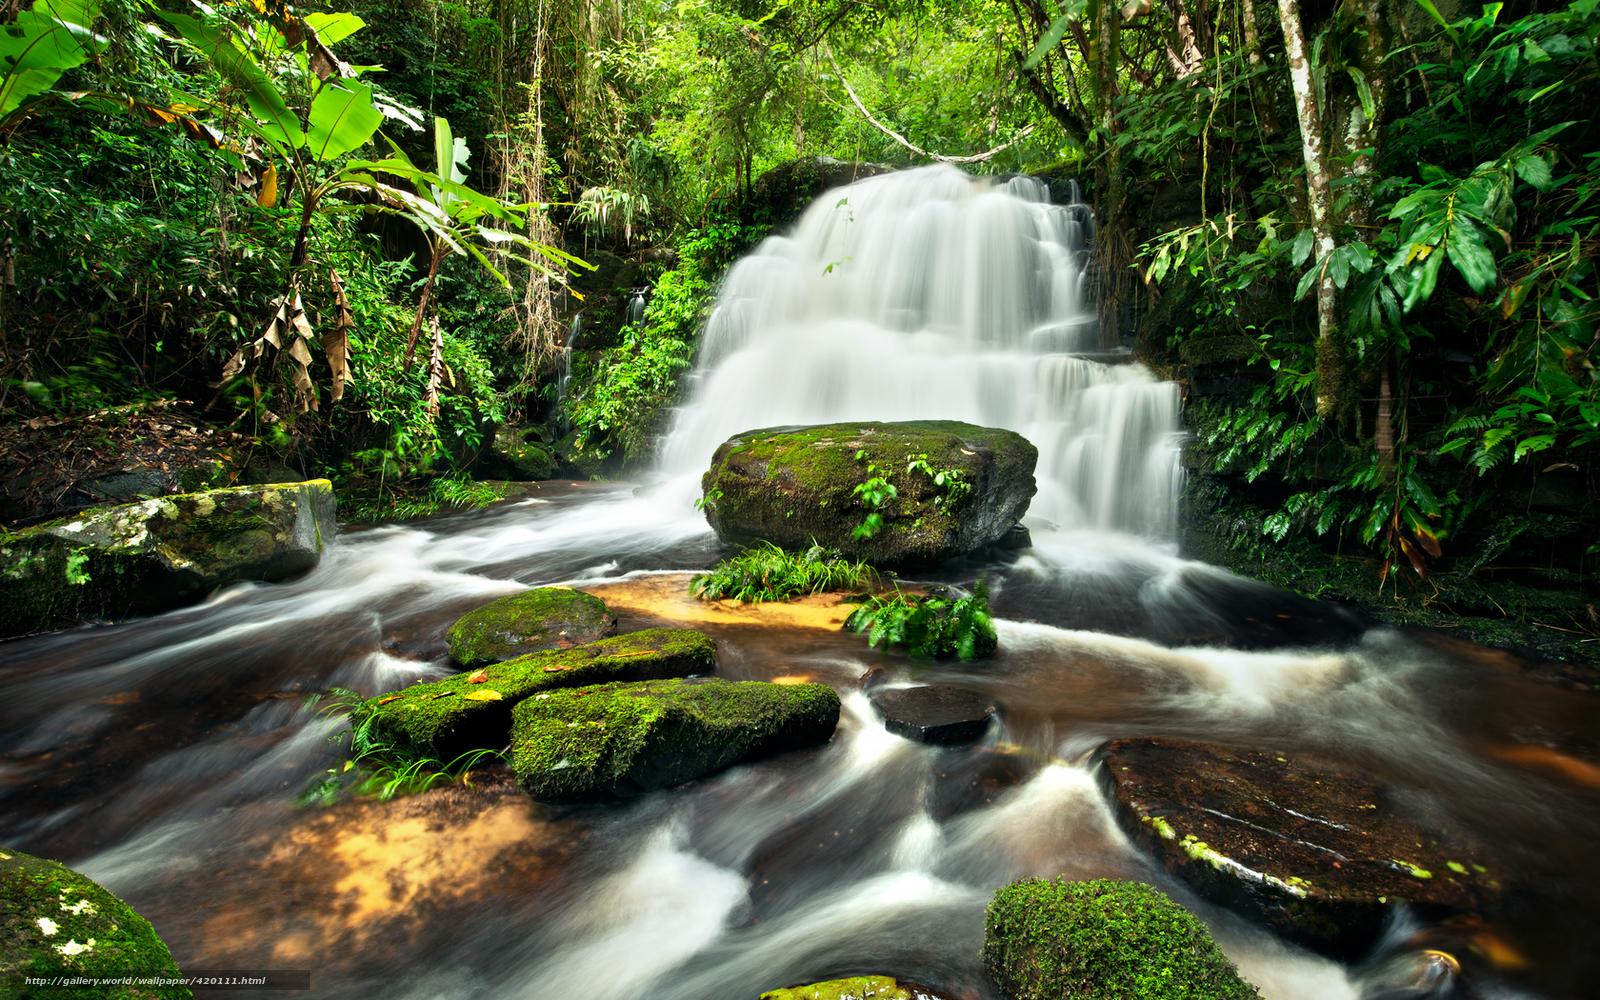 piedras, musgo, cascada, agua, montaa arroyo, deja, Los rboles